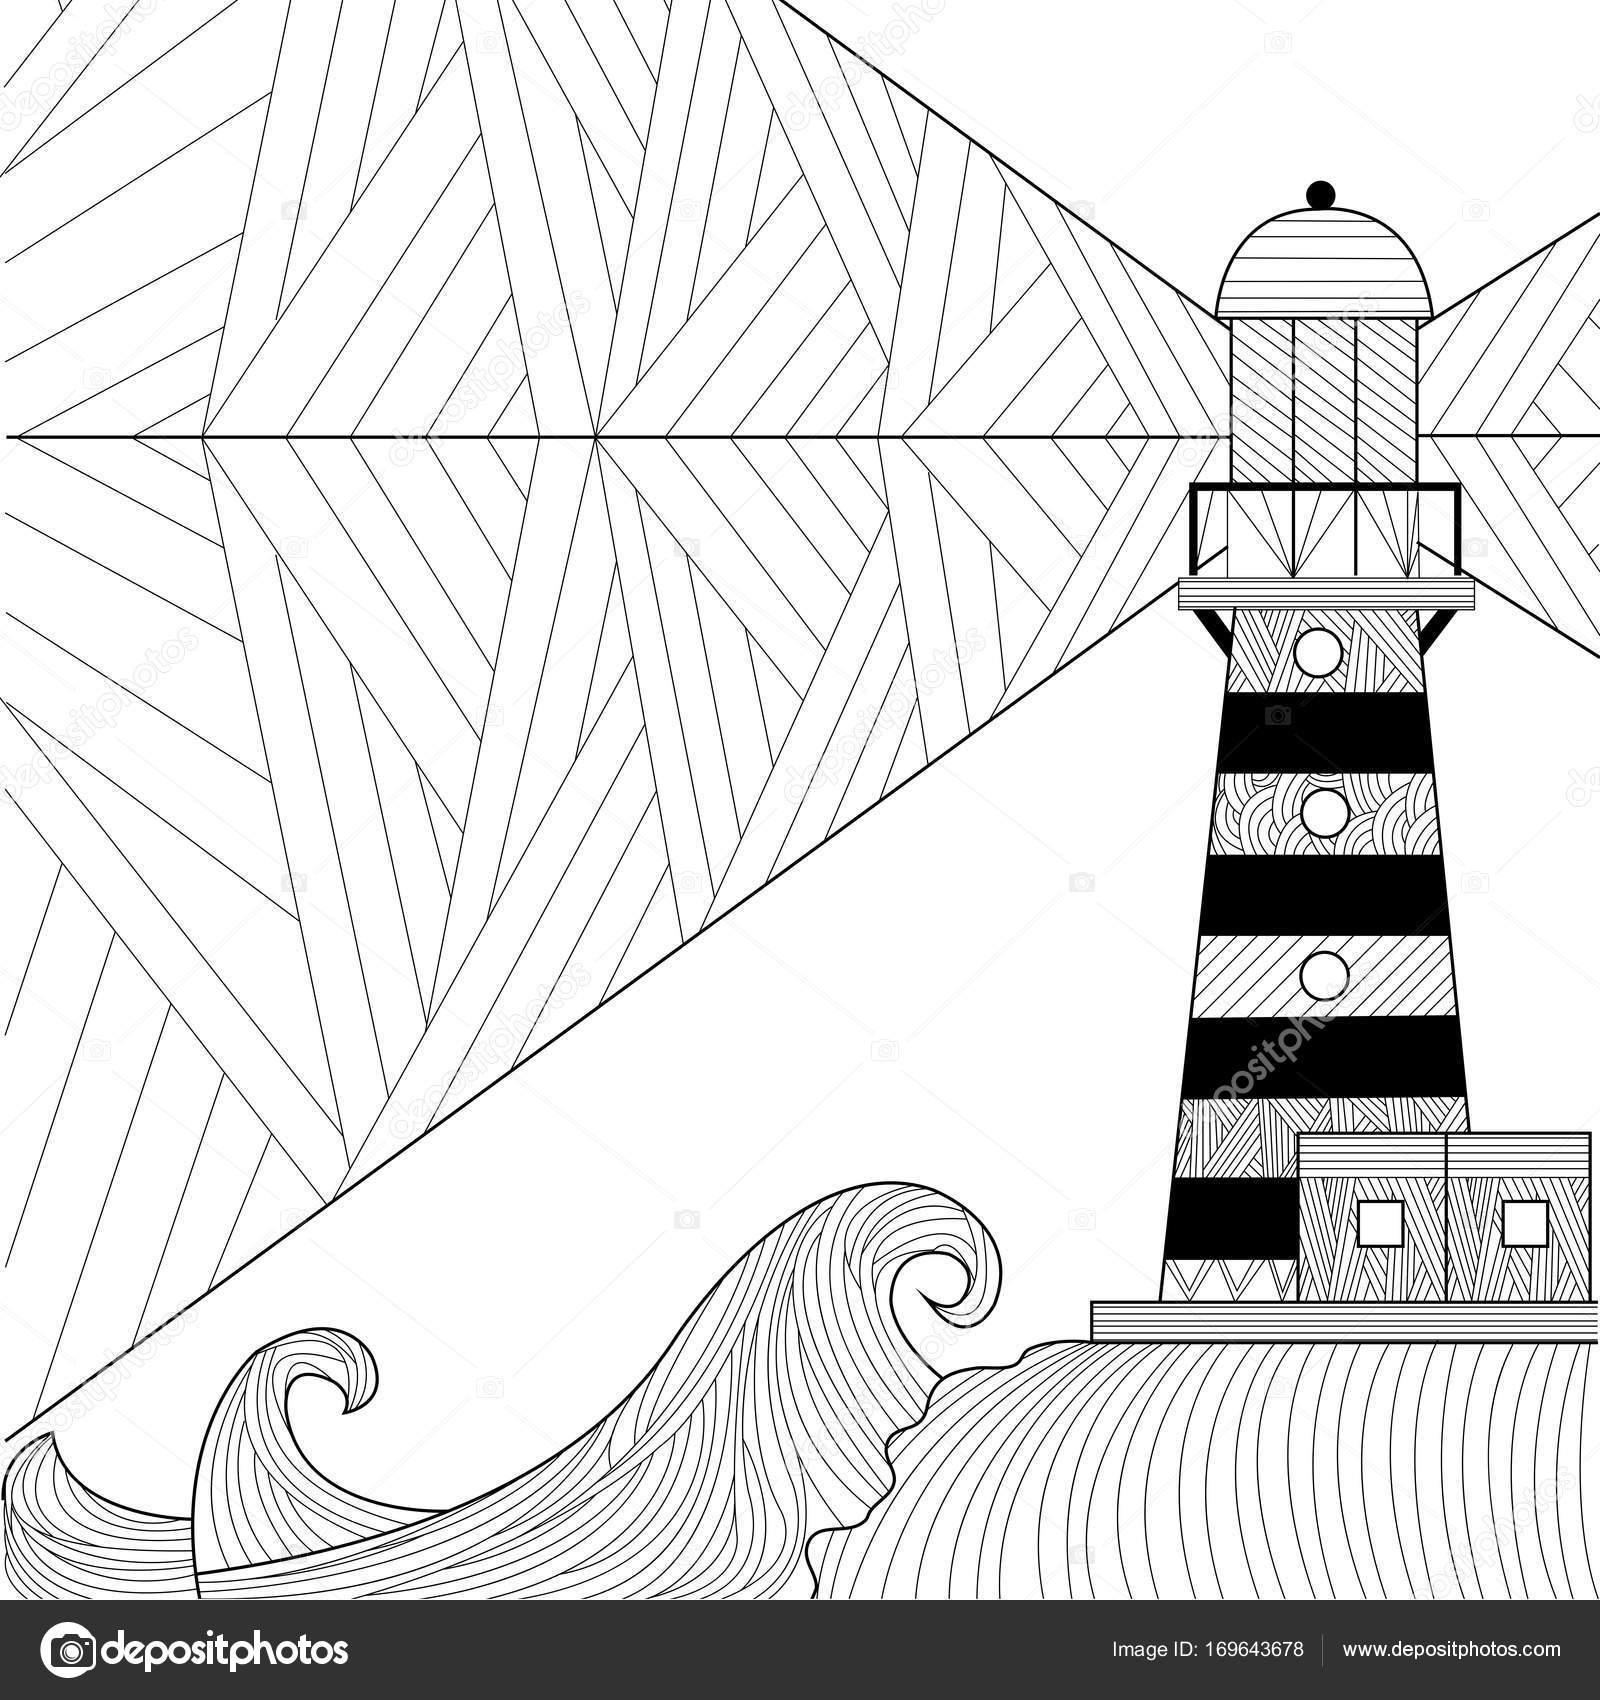 Boyama Kitabı Yetişkin Renklendirme Raster Stres Anti Için Deniz